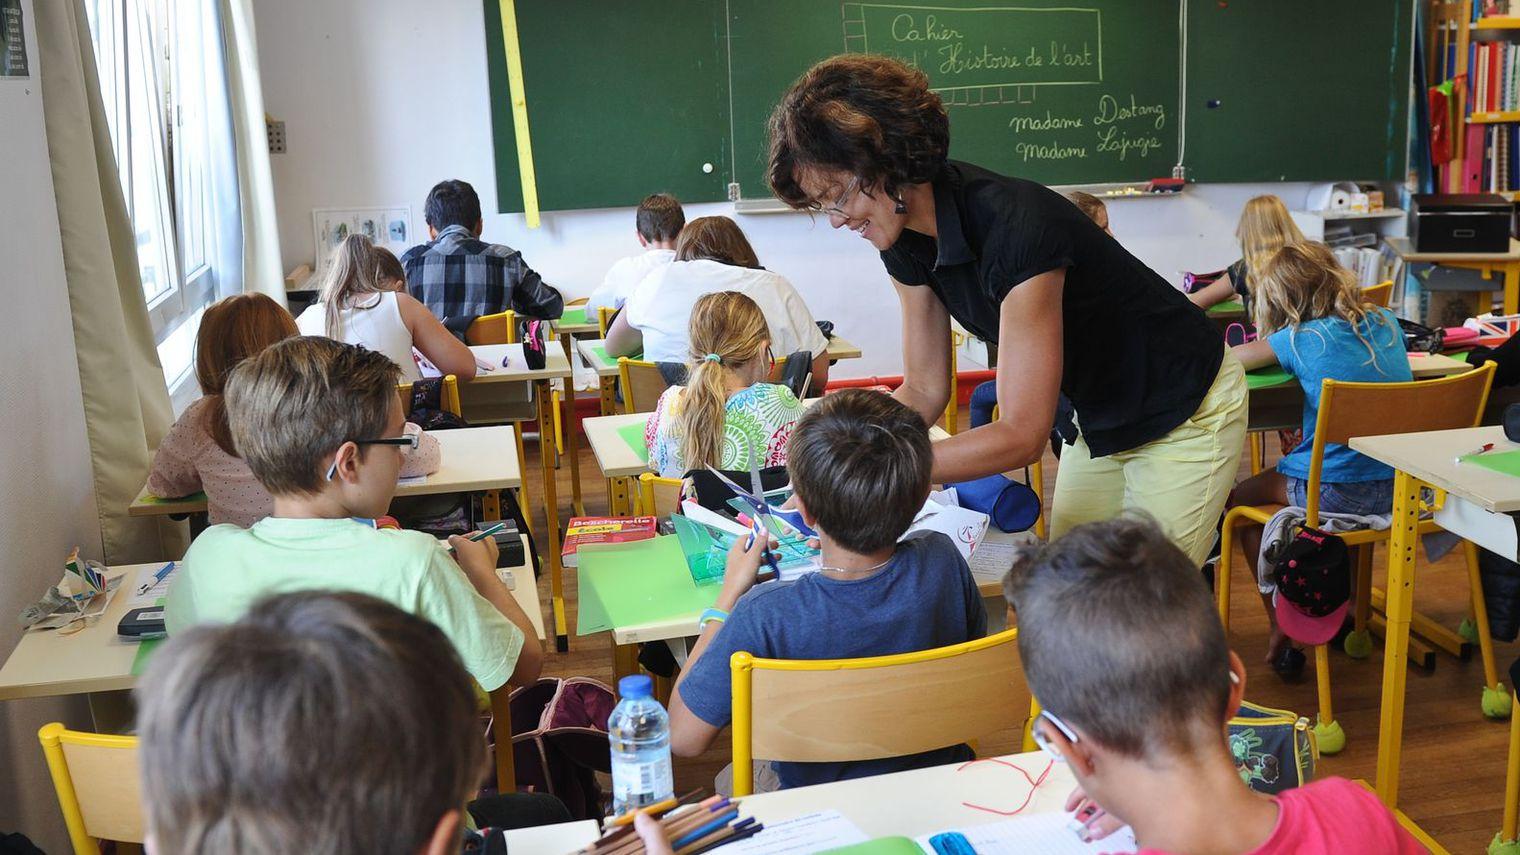 Autonomie la pédagogie de Paulo Freire : éthique et enseignement